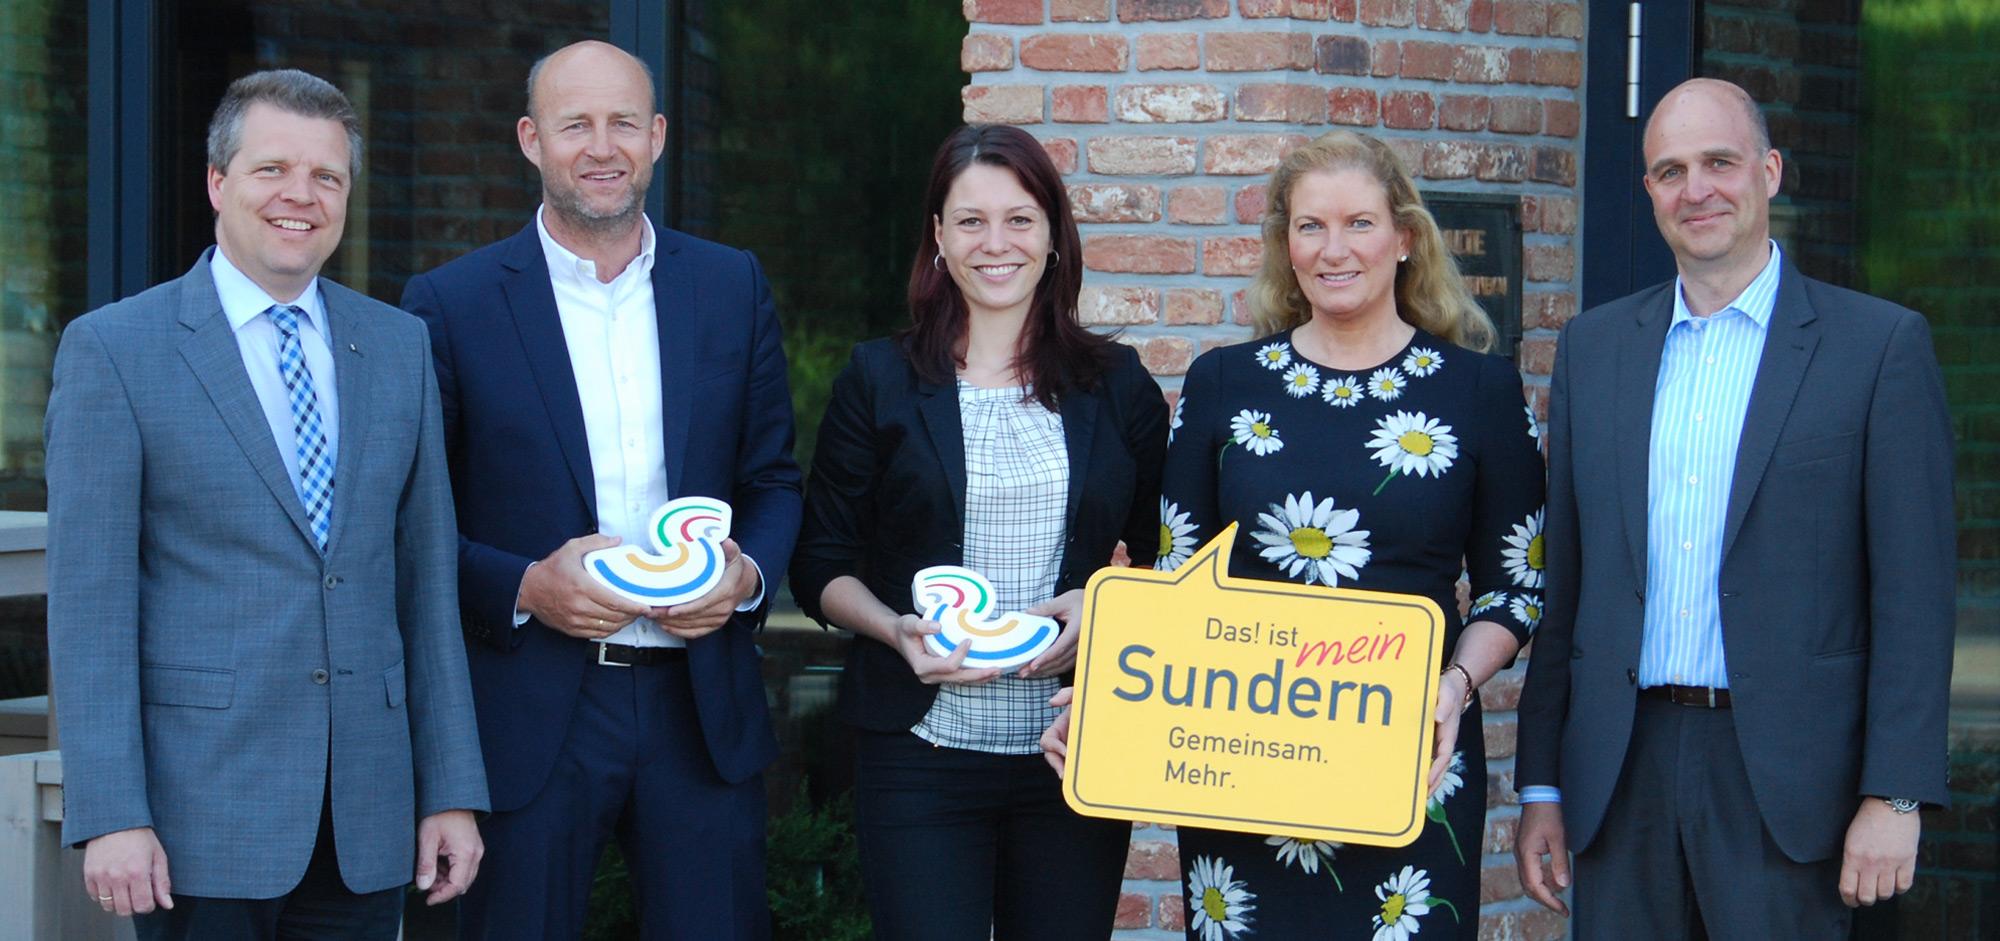 """einsU bringt den Standort Sundern """"nach Südwestfalen"""""""